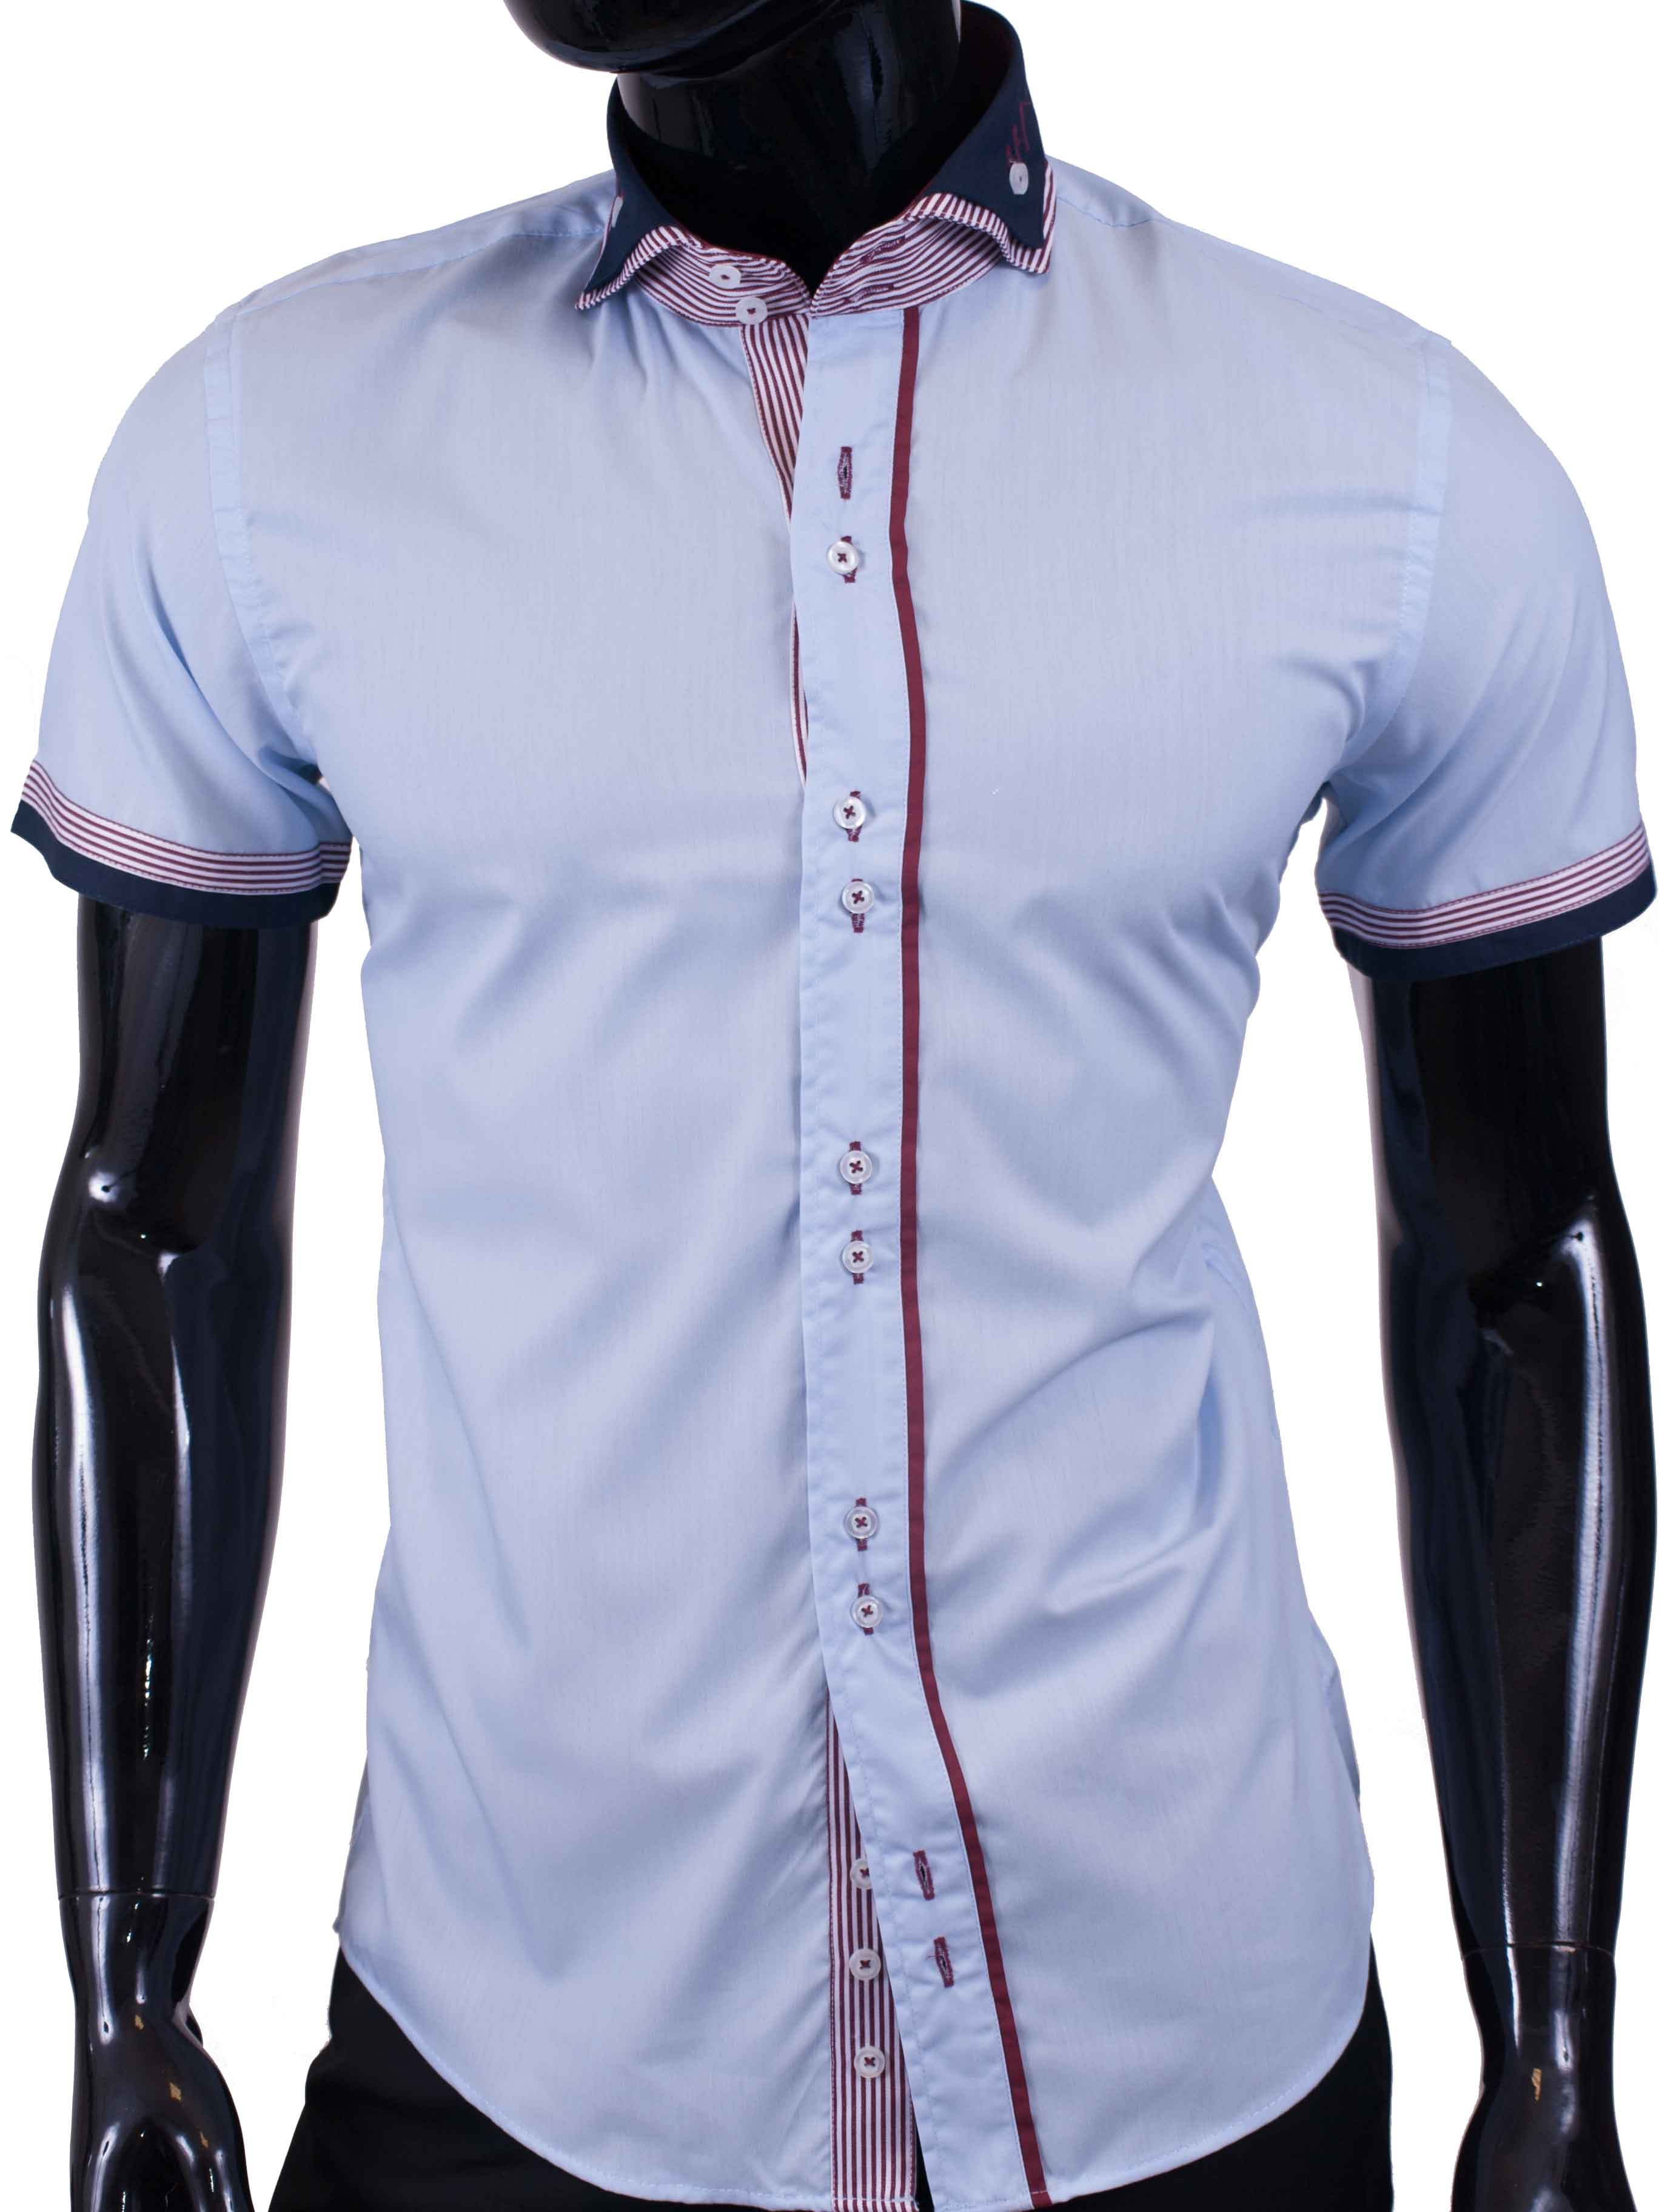 Pánská košile s krátkým rukávem světle modrá s červeným límečkem